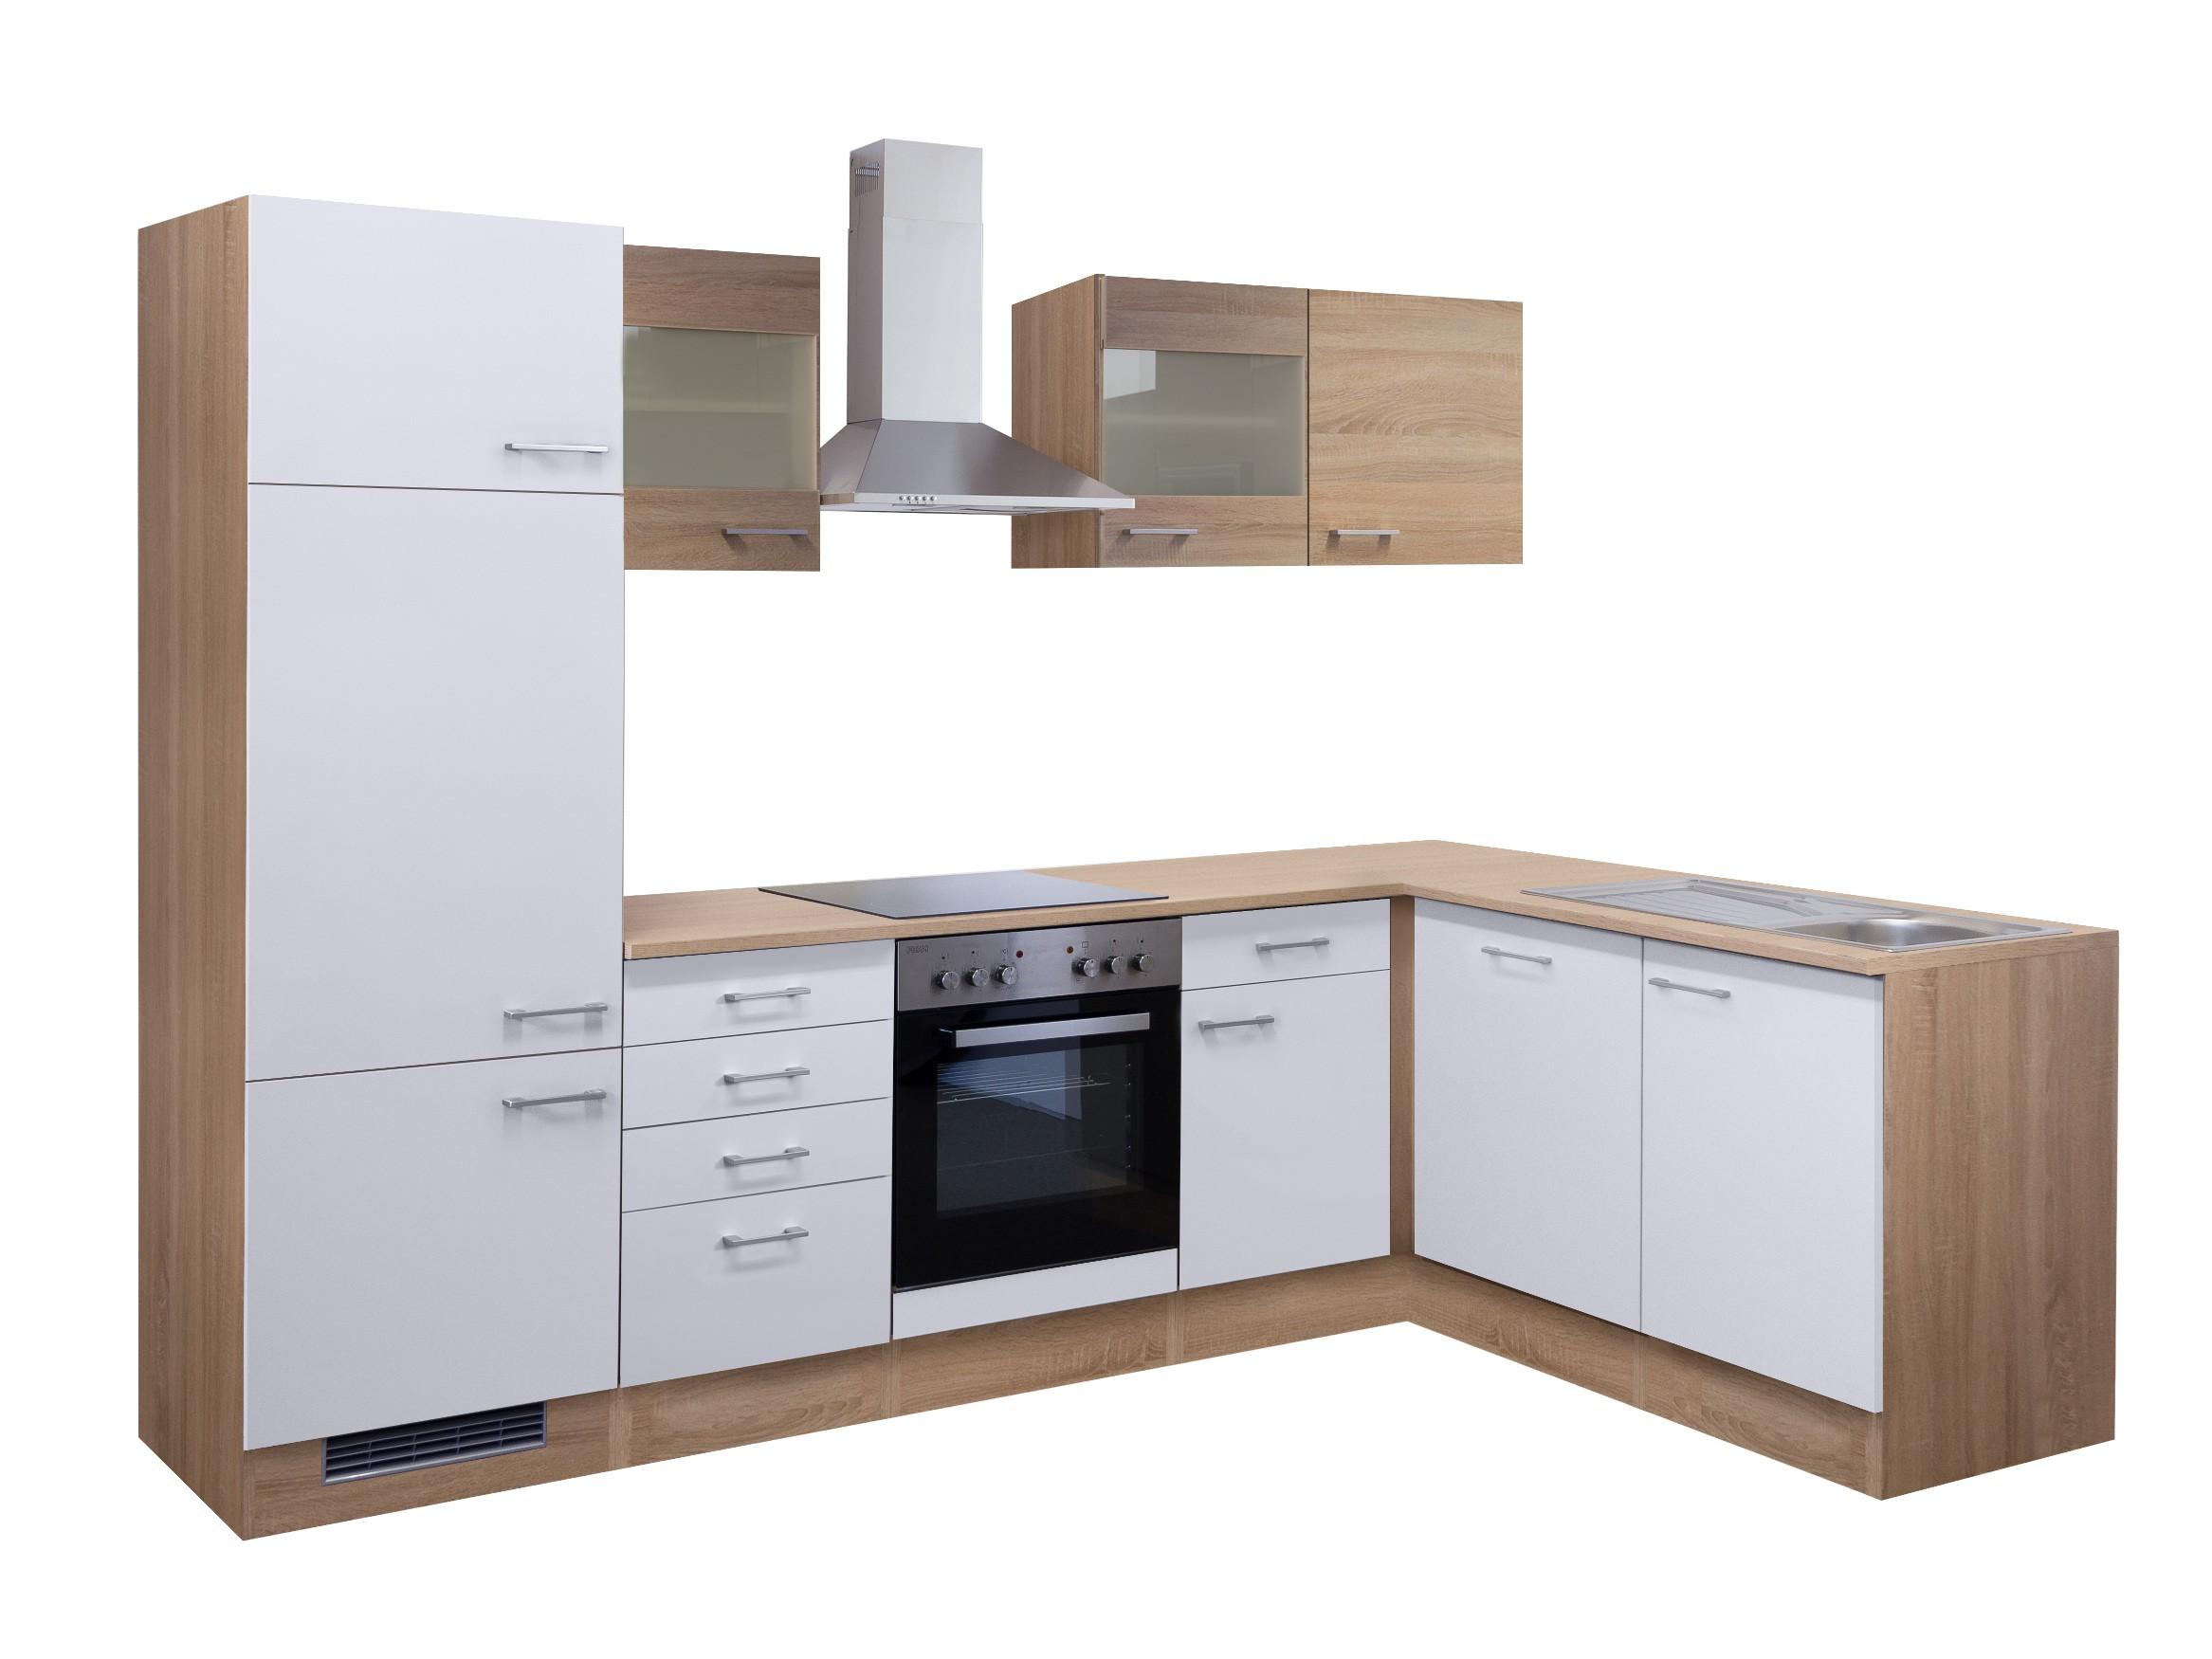 Eckküche ROM - Küche mit E-Geräten, 2 Glashänger - Breite 280 x 170 ...